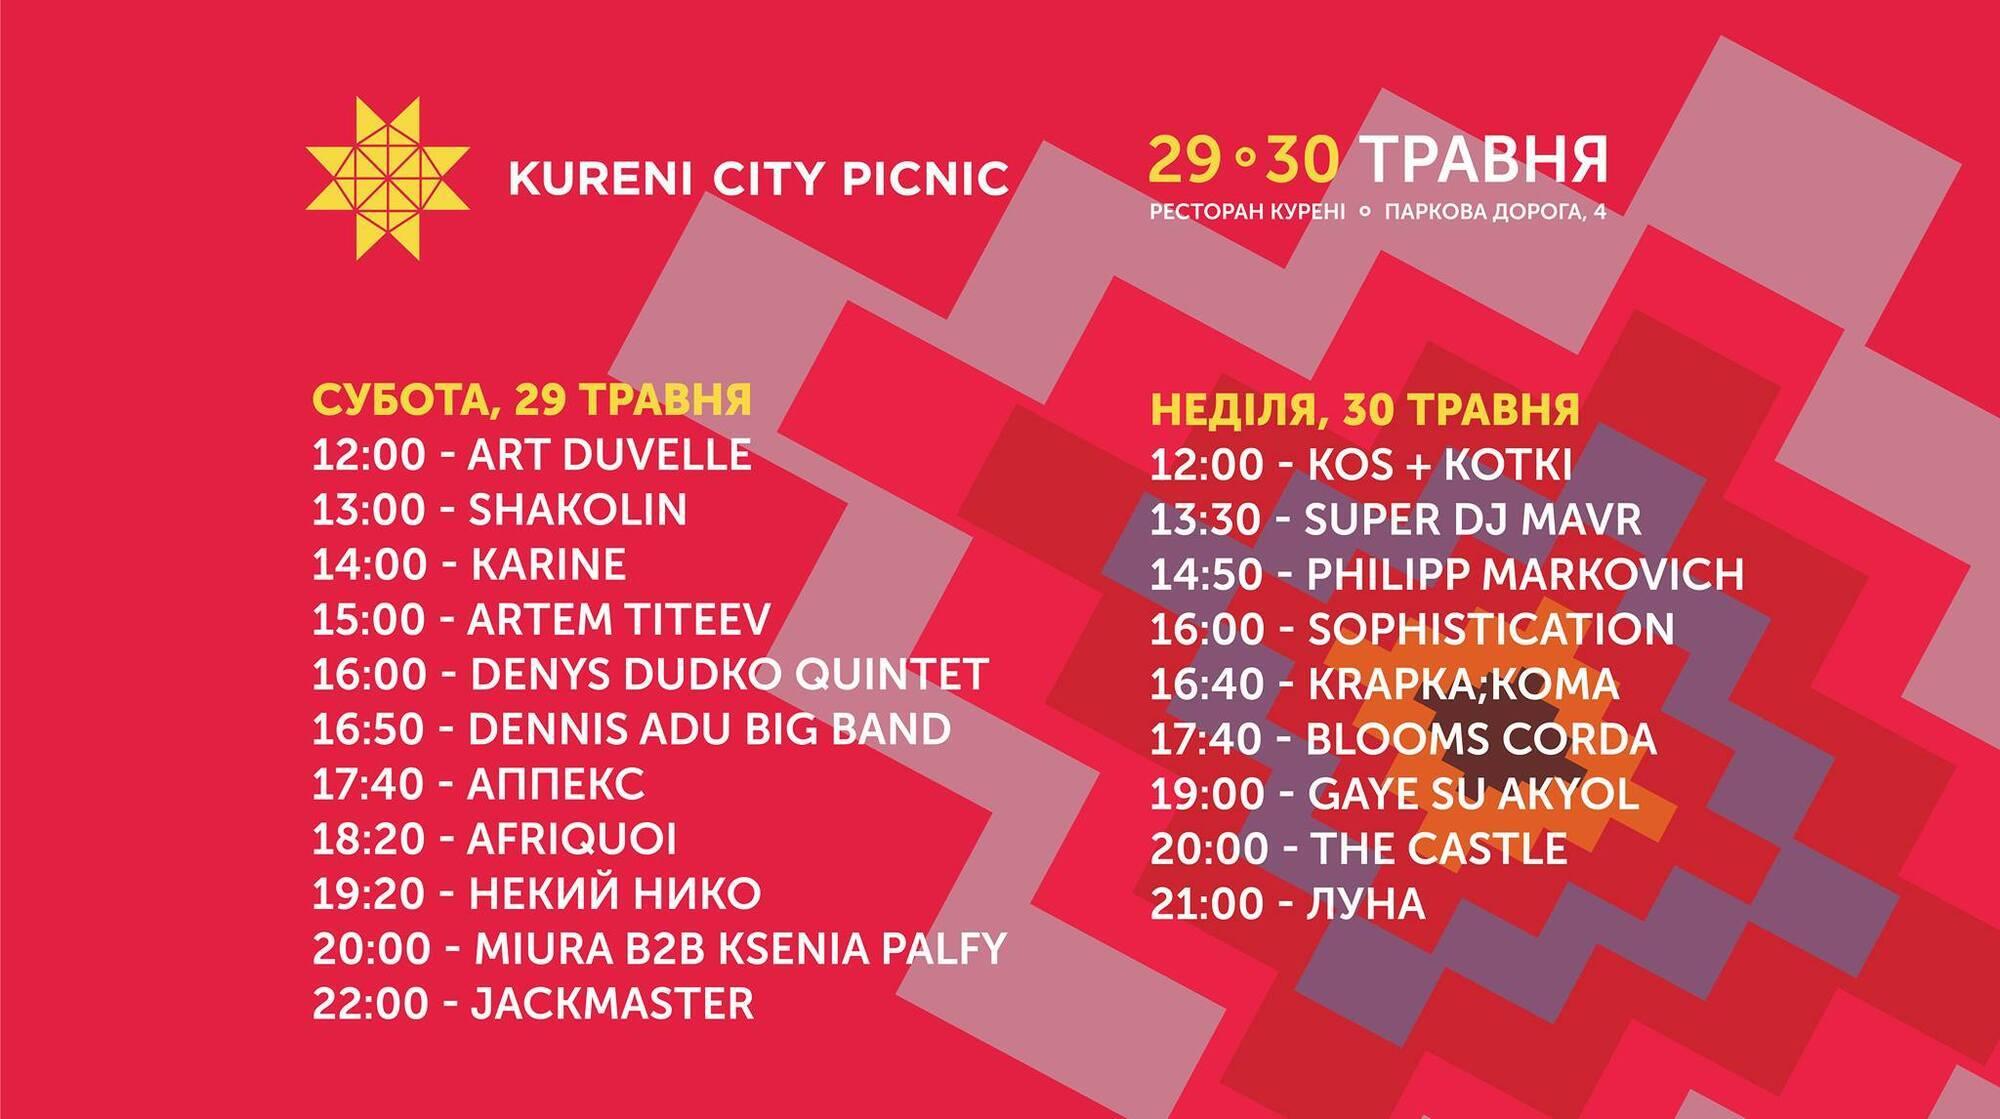 Список исполнителей на фестивале.